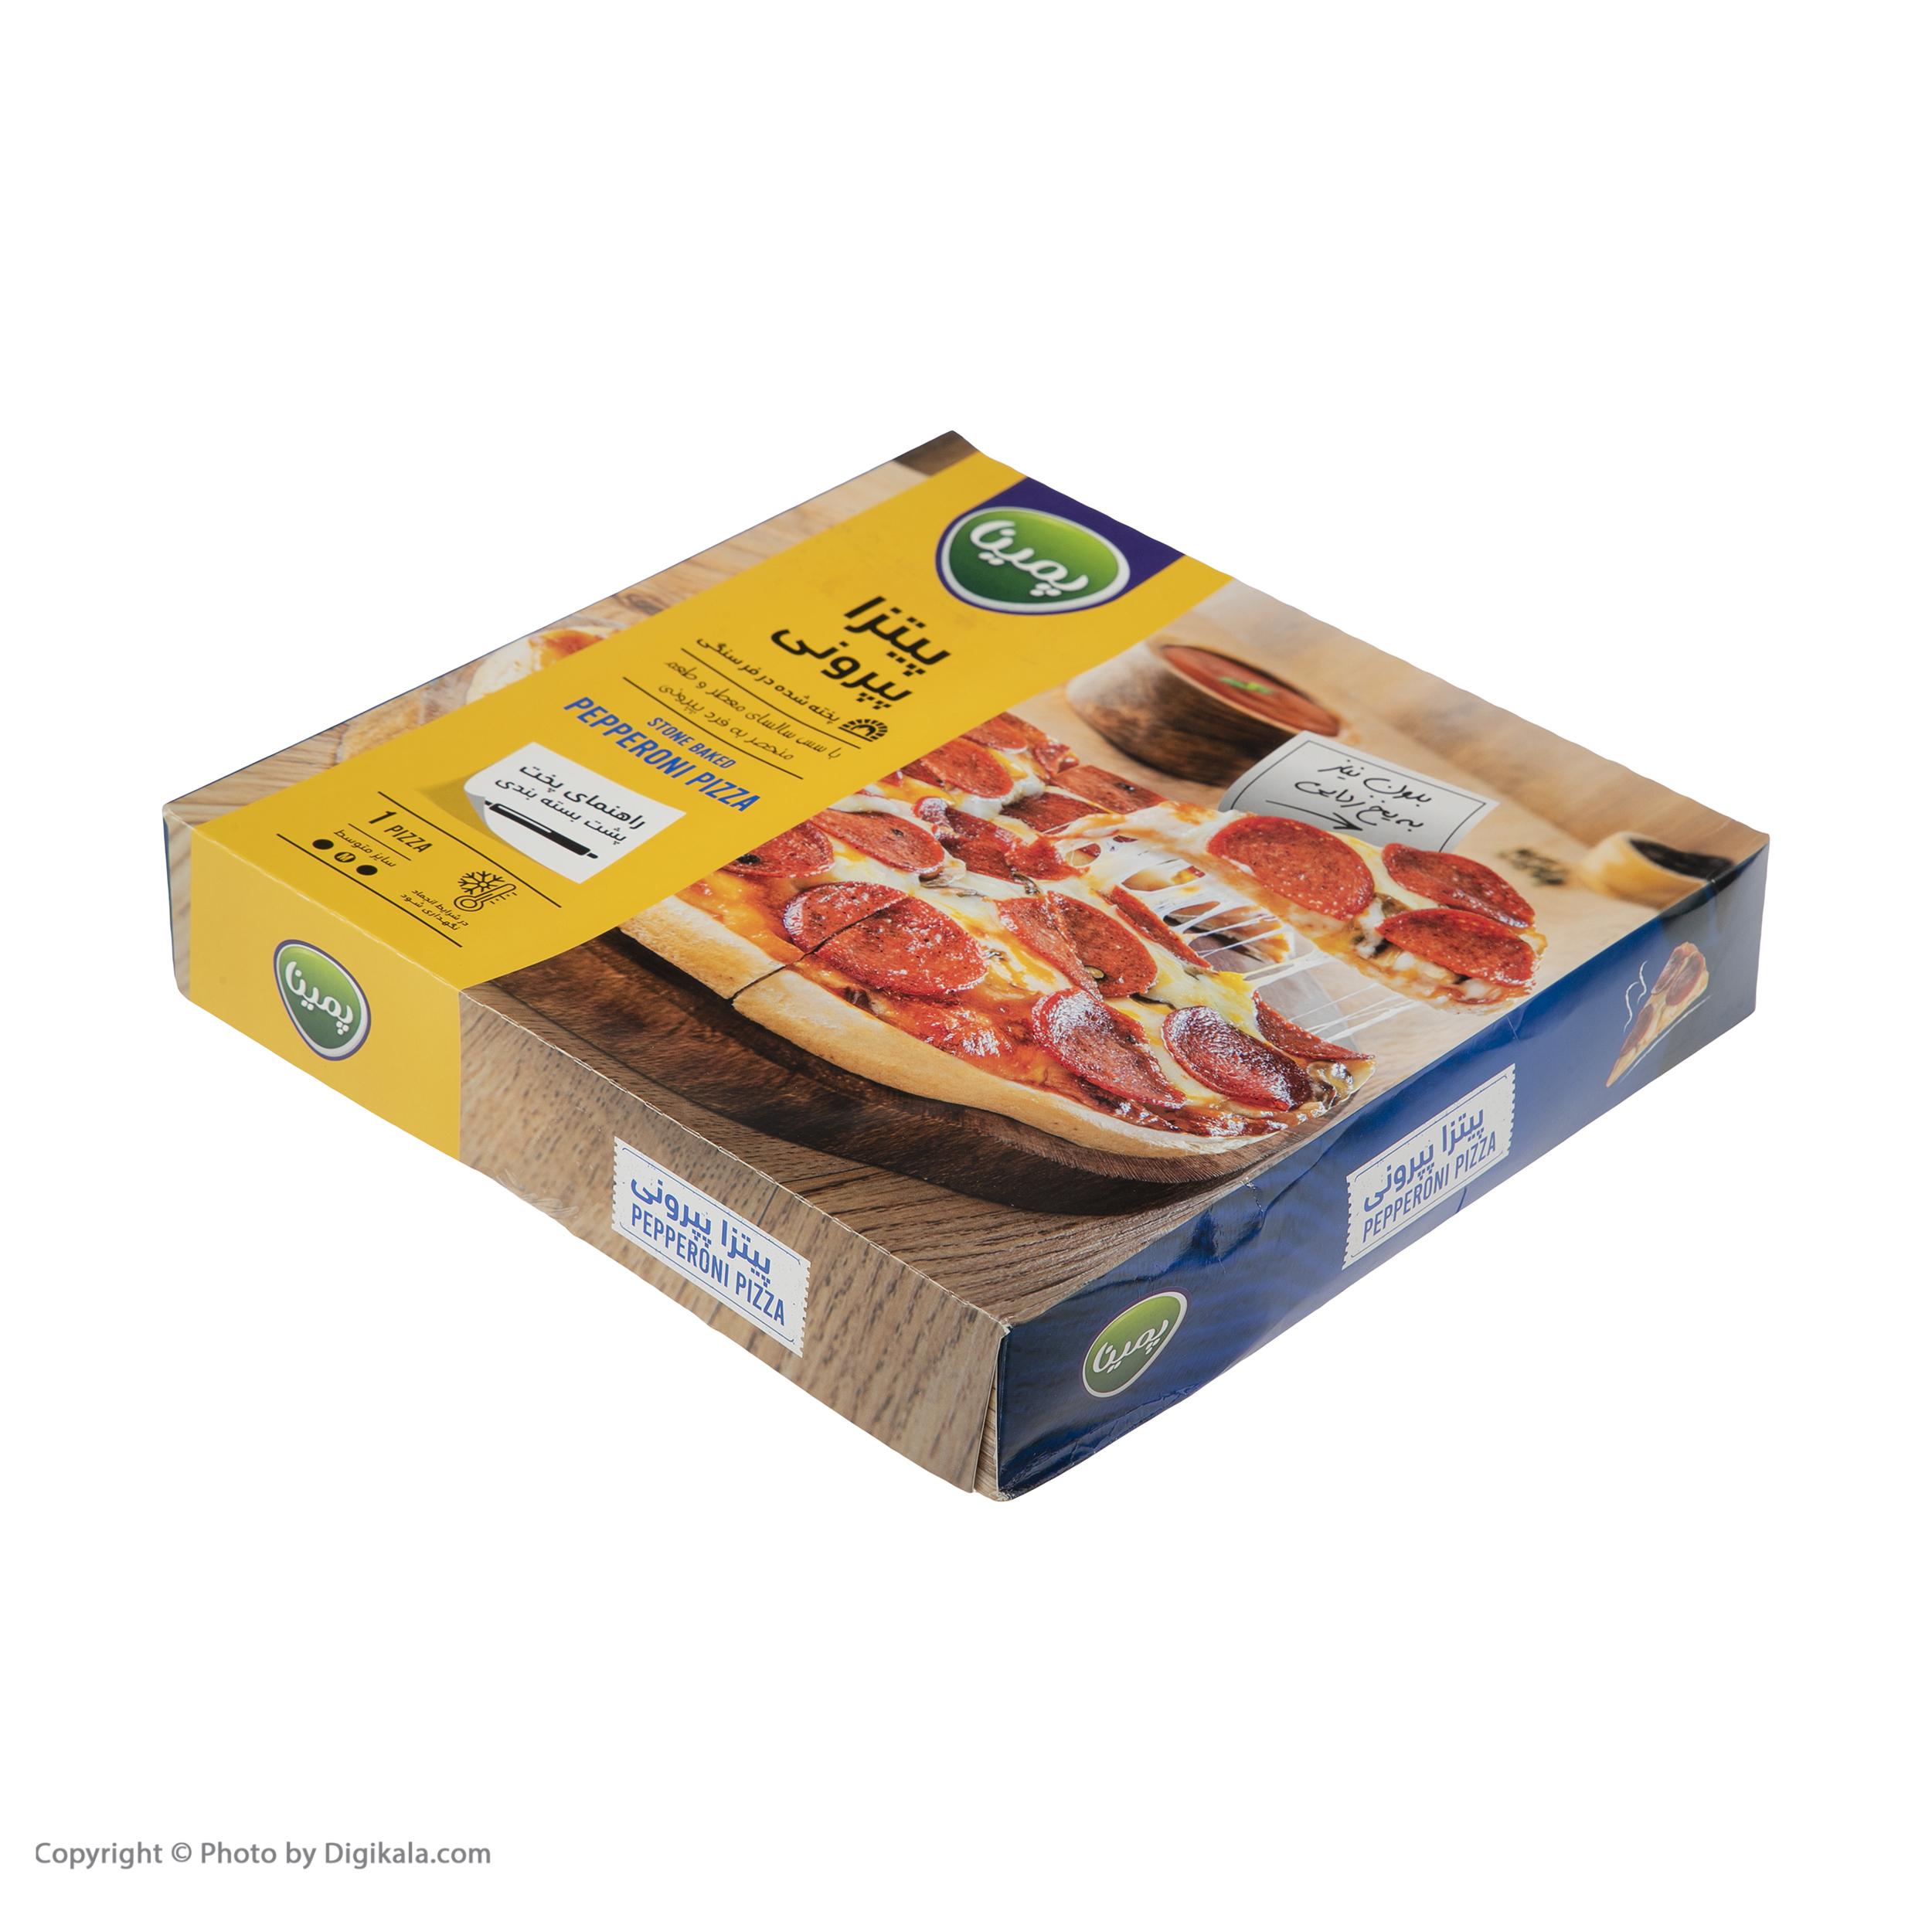 پیتزا پپرونی پمینا کاله مقدار 440  گرم main 1 1